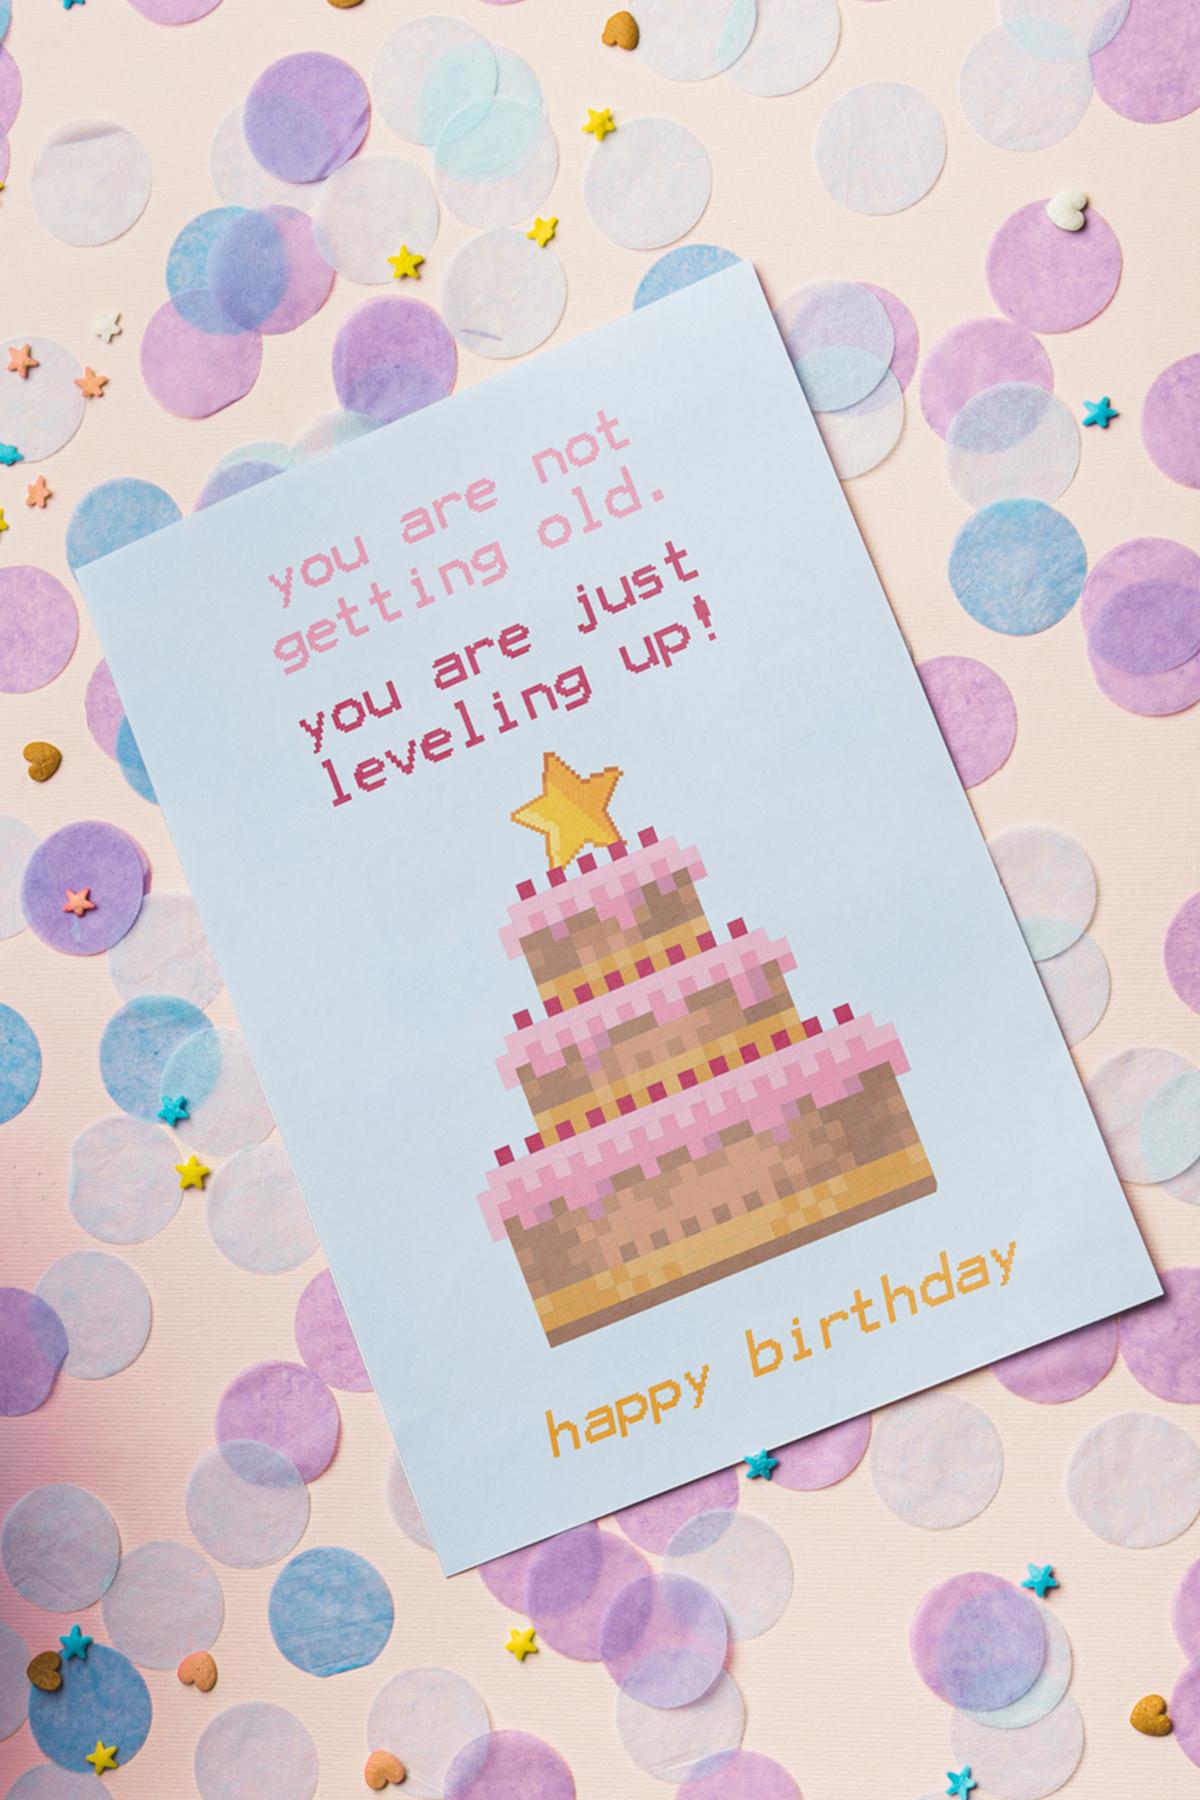 10 Coole Geburtstagskarten Zum Ausdrucken | Free Printable verwandt mit Geburtstagskarten Kostenlos Drucken